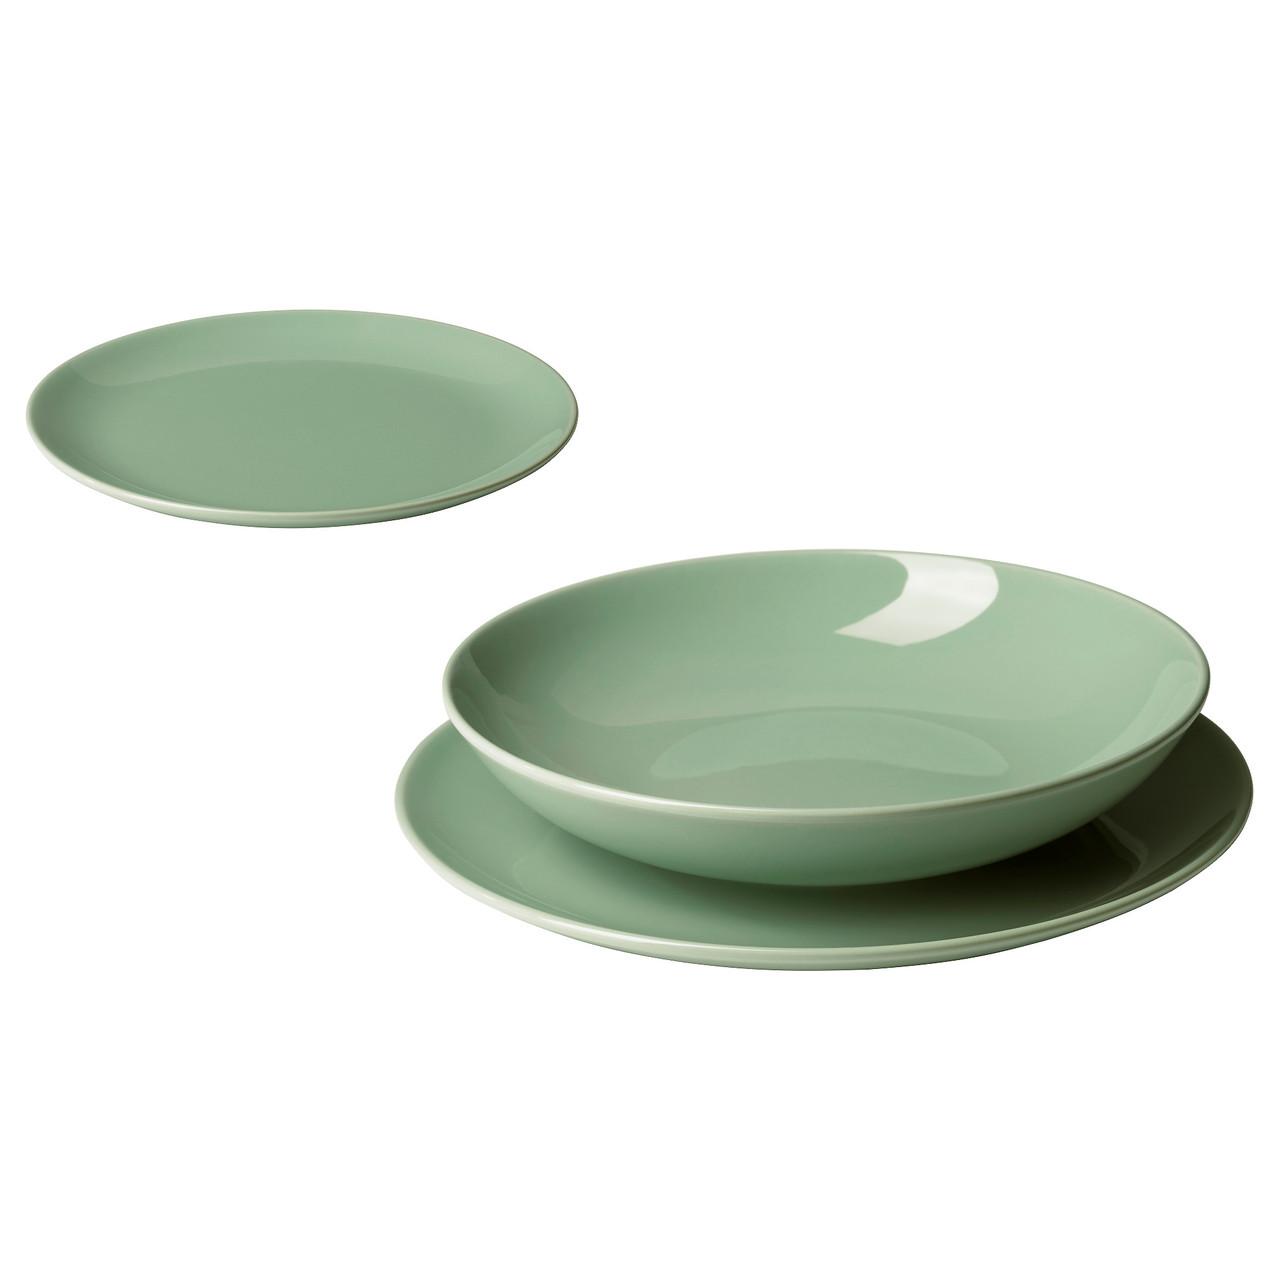 ФЭРГРИК Сервиз, 18 предметов, керамика, светло-зеленый, 40318921 IKEA, ИКЕА, FARGRIK